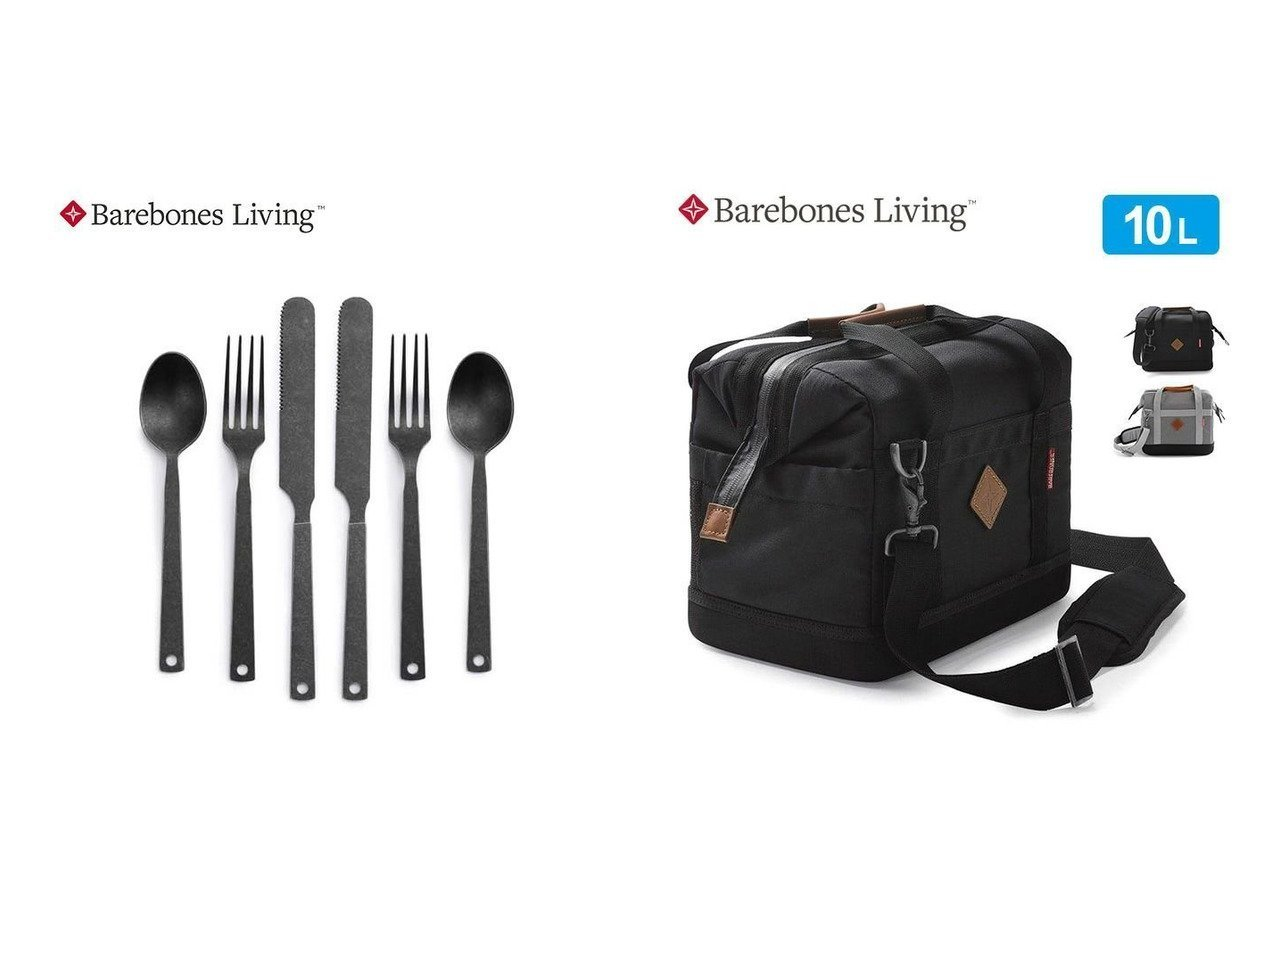 【Barebones Living/ベアボーンズリビング】のソフトクーラー パスファインダー&フラットウェア FNSマット 2個セット おすすめ!人気キャンプ・アウトドア用品の通販 おすすめで人気の流行・トレンド、ファッションの通販商品 インテリア・家具・メンズファッション・キッズファッション・レディースファッション・服の通販 founy(ファニー) https://founy.com/ アメリカン フラット 抗菌 ショルダー ライナー ラップ ホーム・キャンプ・アウトドア Home,Garden,Outdoor,Camping Gear キャンプ用品・アウトドア  Camping Gear & Outdoor Supplies マット シート Mat, Sheet ホーム・キャンプ・アウトドア Home,Garden,Outdoor,Camping Gear キャンプ用品・アウトドア  Camping Gear & Outdoor Supplies その他 雑貨 小物 Camping Tools |ID:crp329100000047705